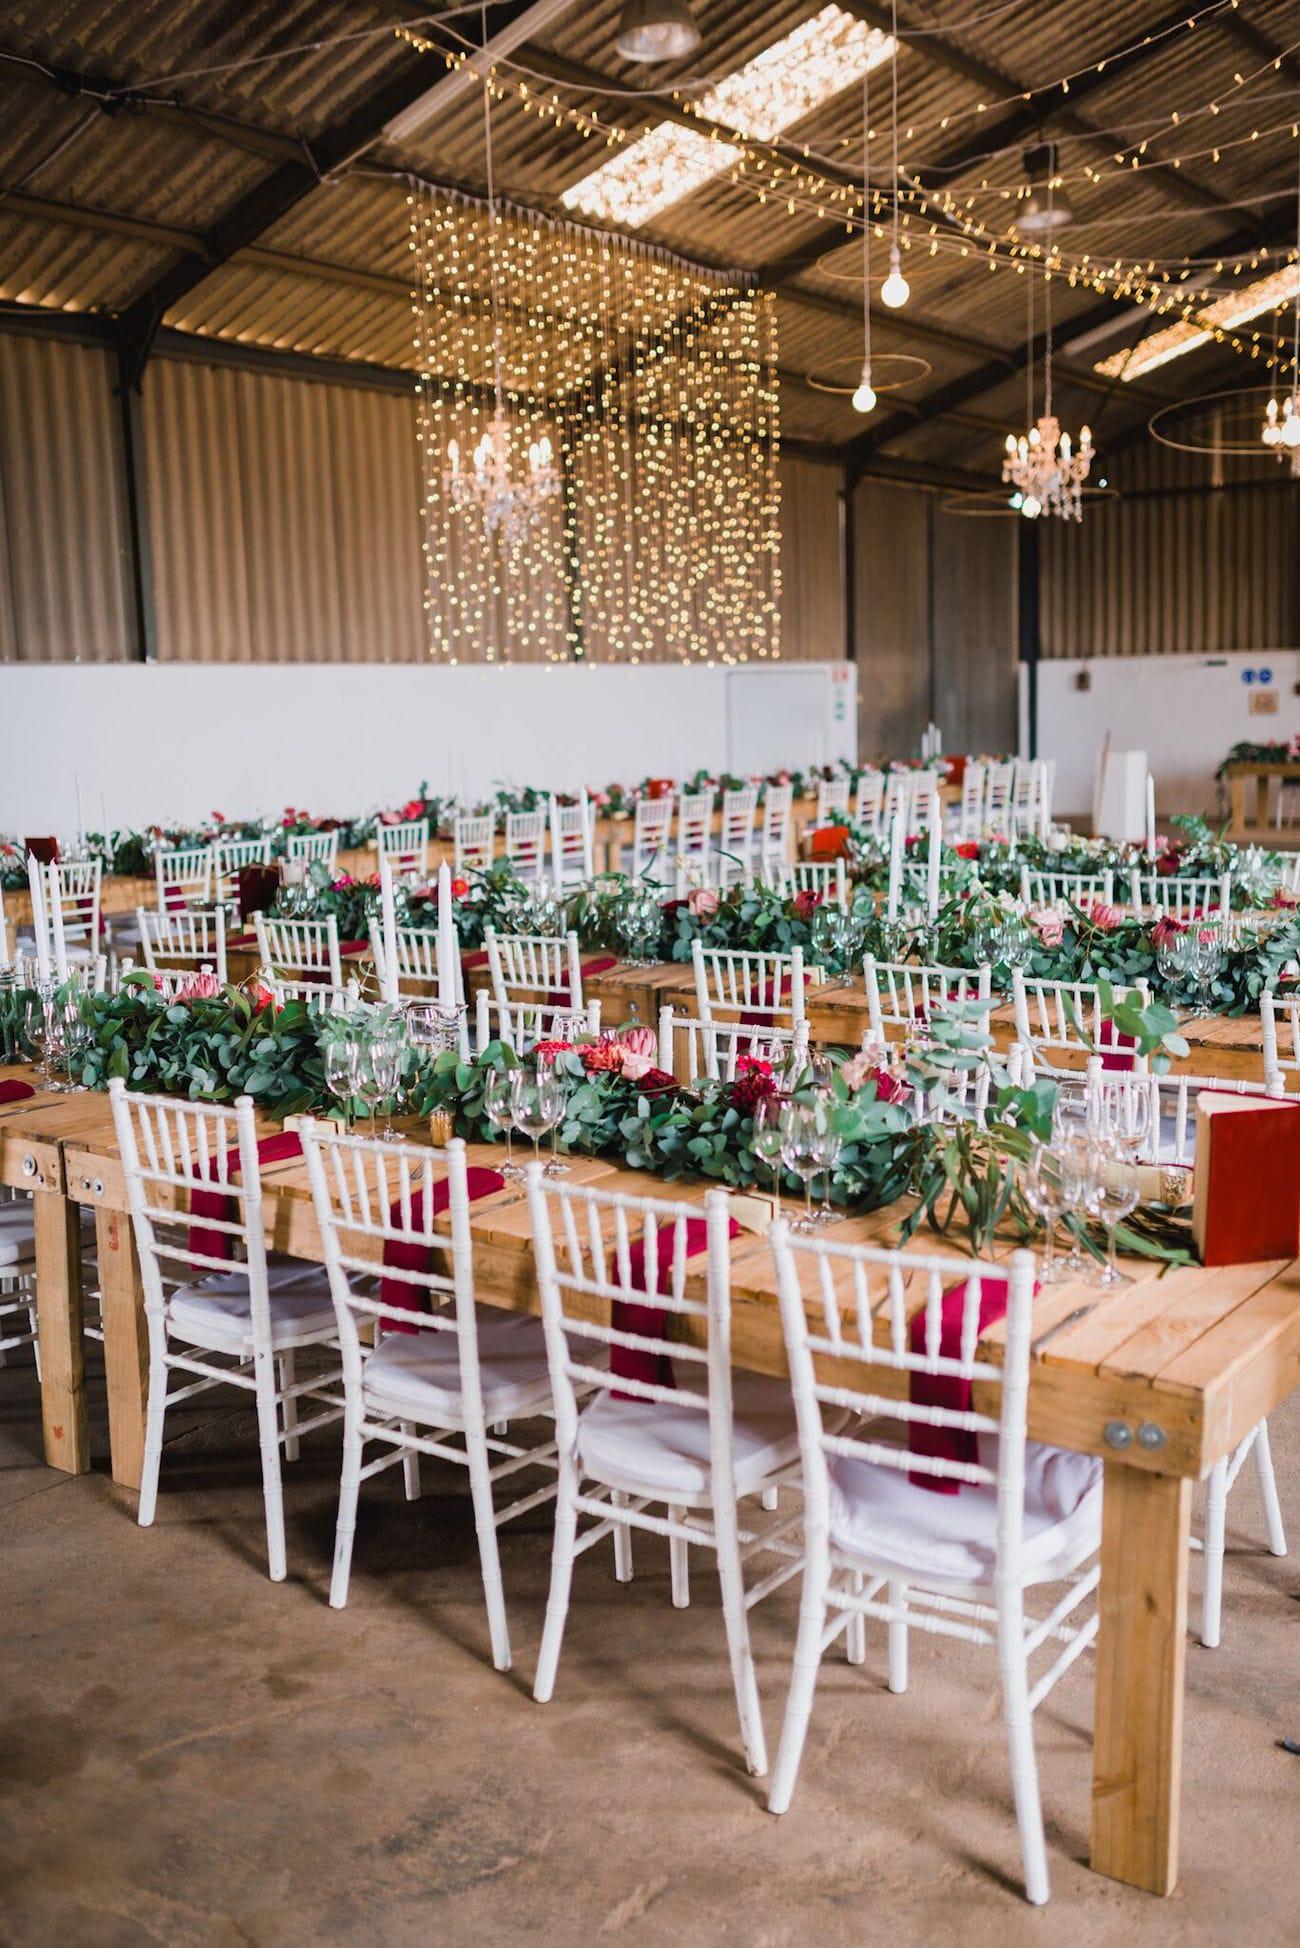 Glitzy Rustic Farm Wedding Decor | Credit: Matthew Carr